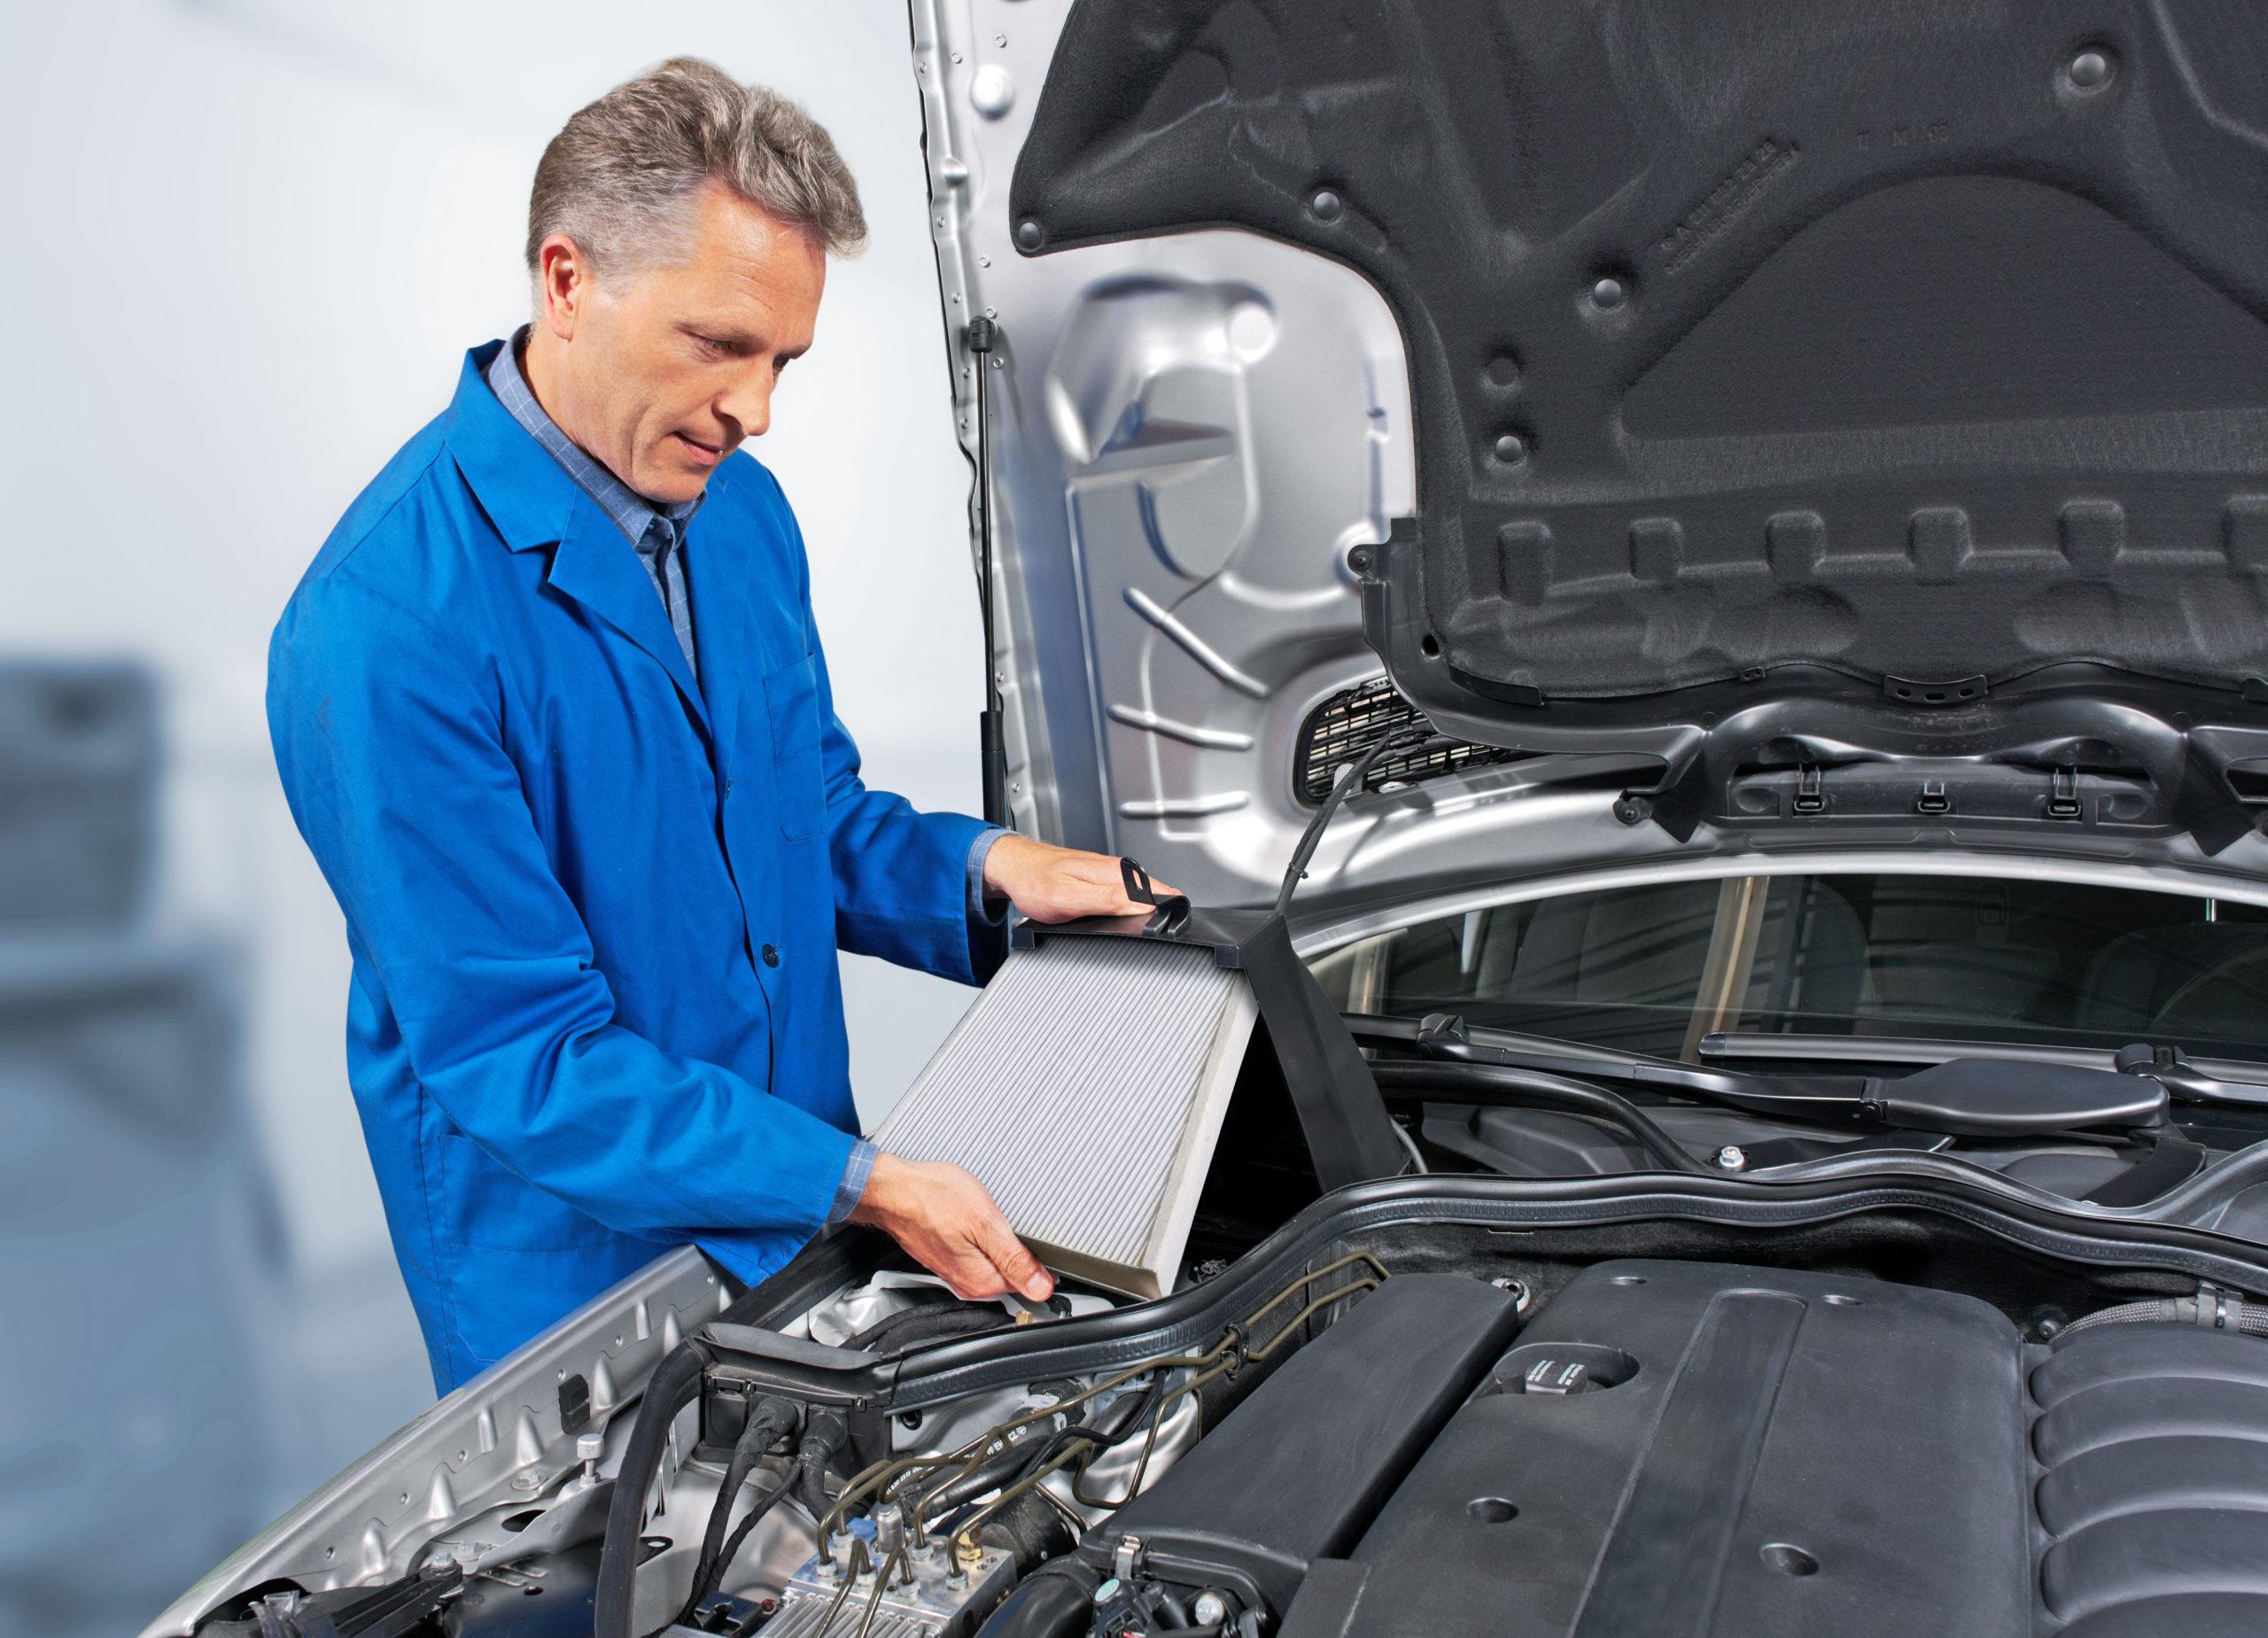 Mecaniker tauscht den Innenraumfilter der Autoklimaanlage